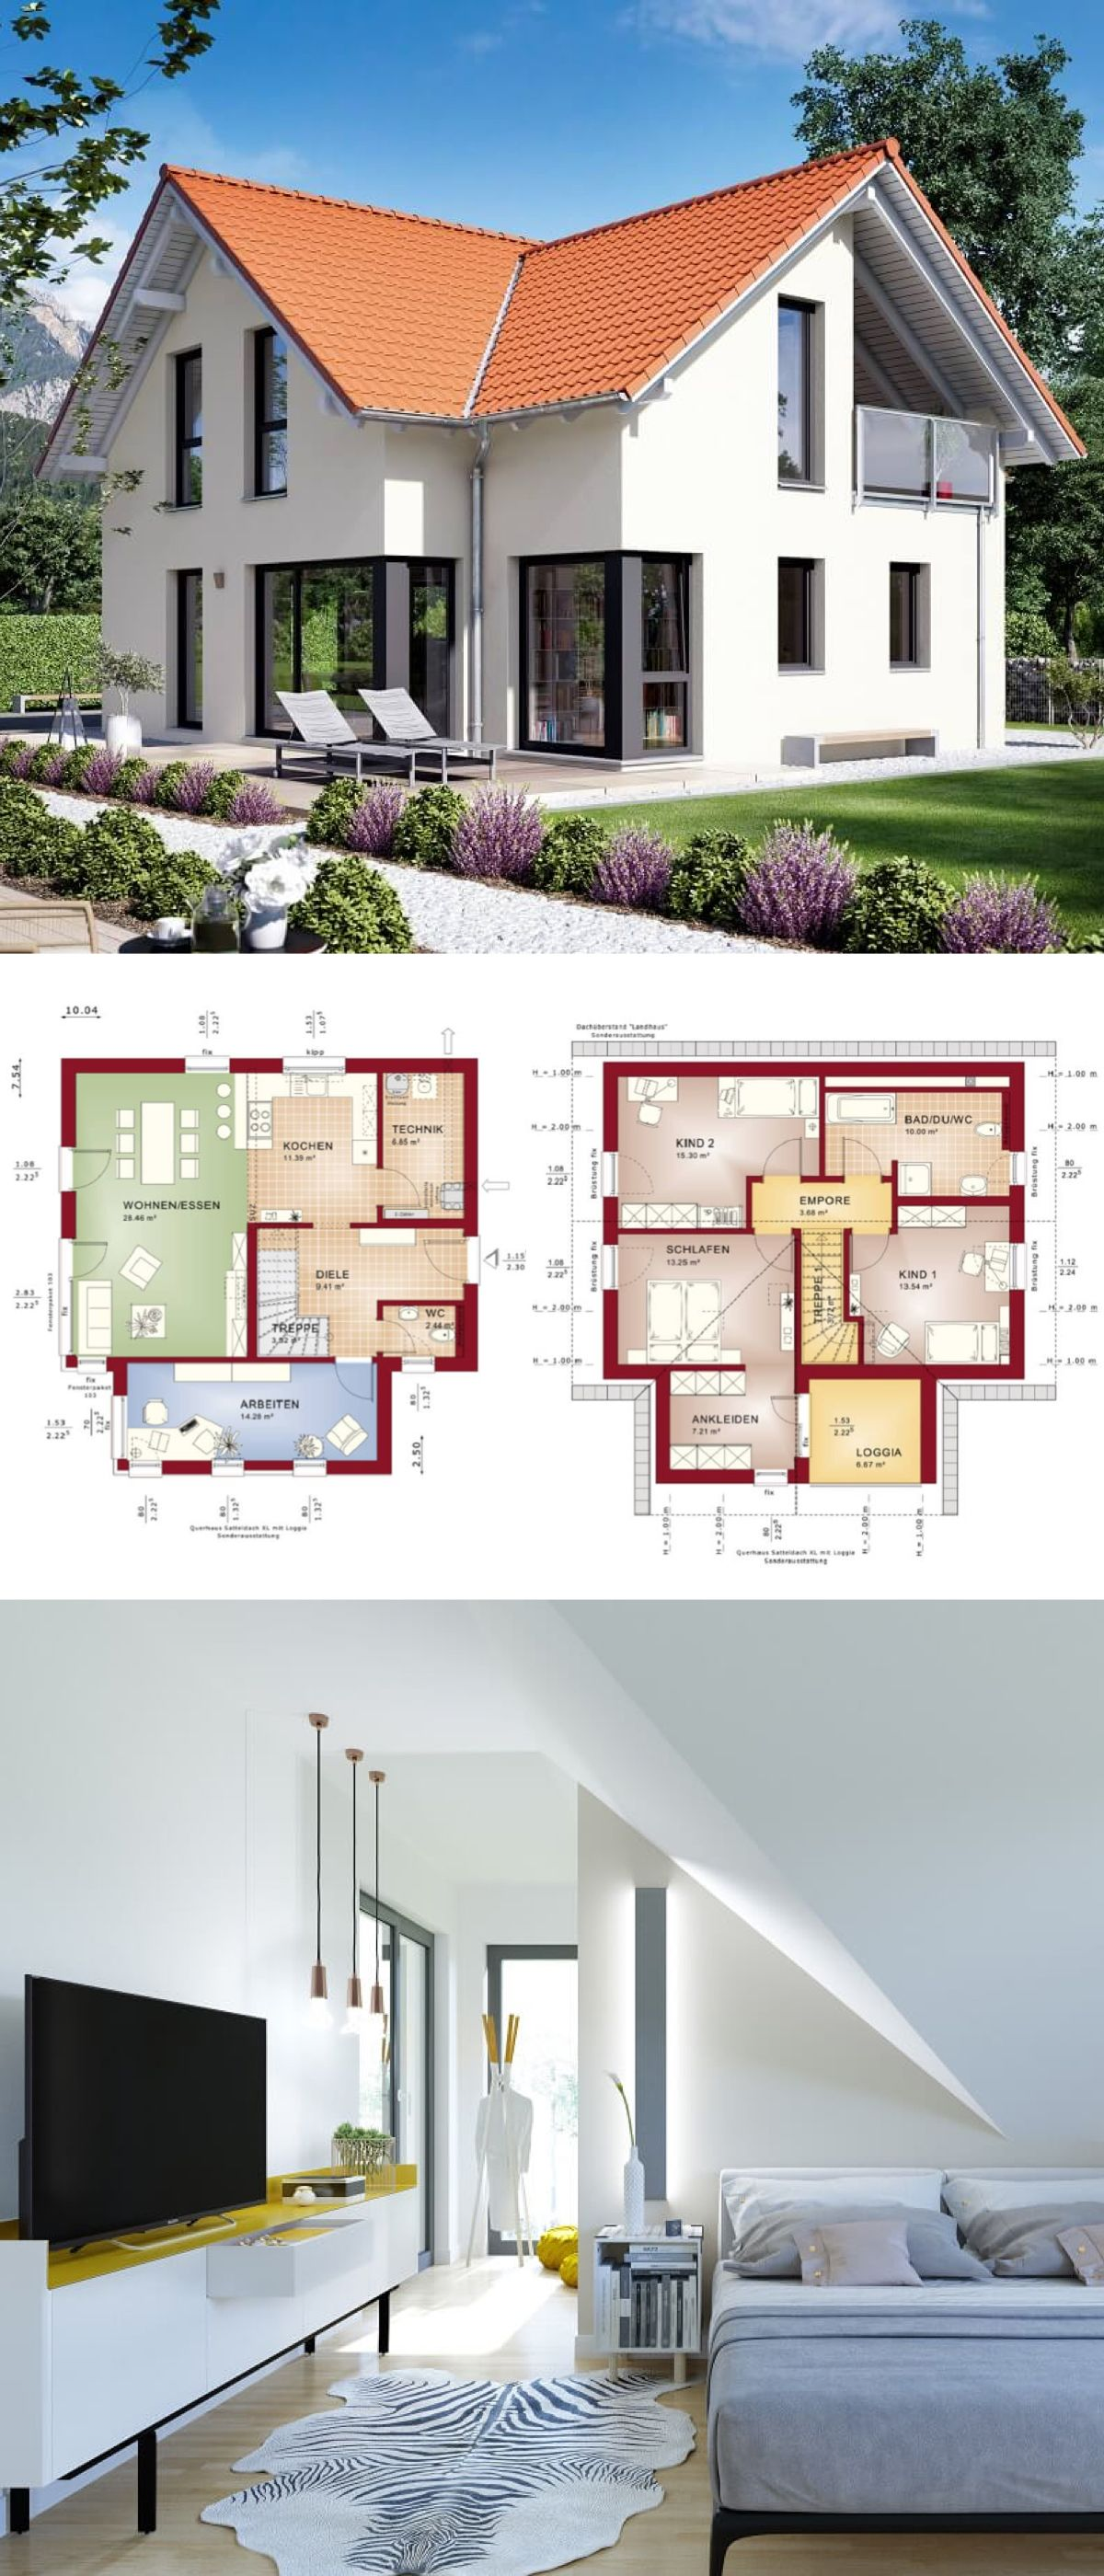 Modernes haus mit satteldach architektur querhaus loggia for Modernes einfamilienhaus grundriss